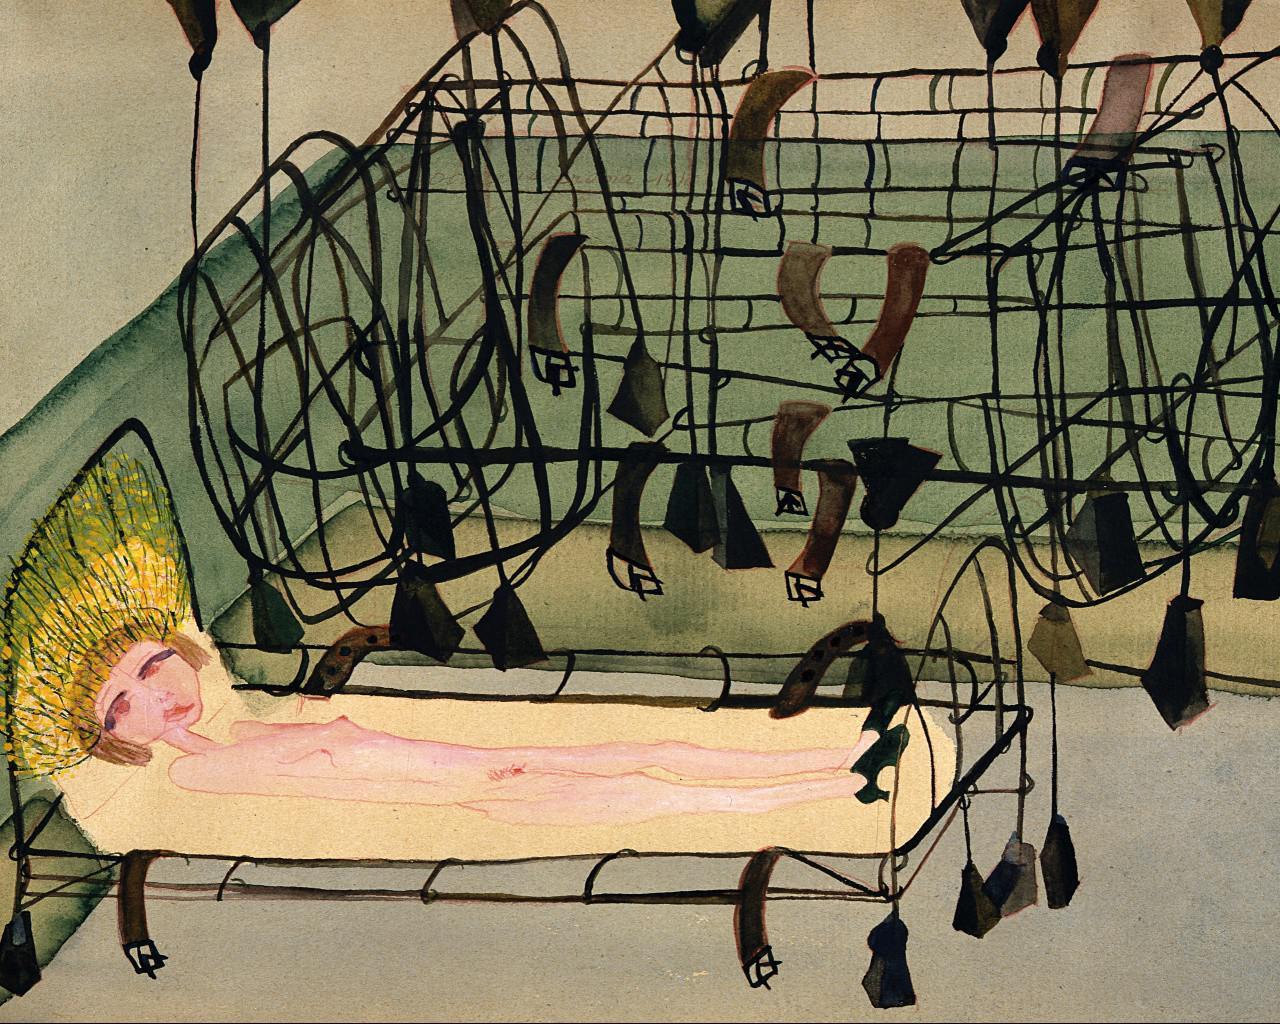 Carol Rama, Appassionata [Passionate], 1940. Watercolor and pencil on paper, 9 × 13 in (23 × 33 cm). © Archivio Carol Rama, Turin. Collection Fondazione Guido ed Ettore De Fornaris, GAM Galleria Civica d'Arte Moderna e Contemporanea, Turin. Courtesy Fondazione Torino Musei. Photo: Studio Gonella